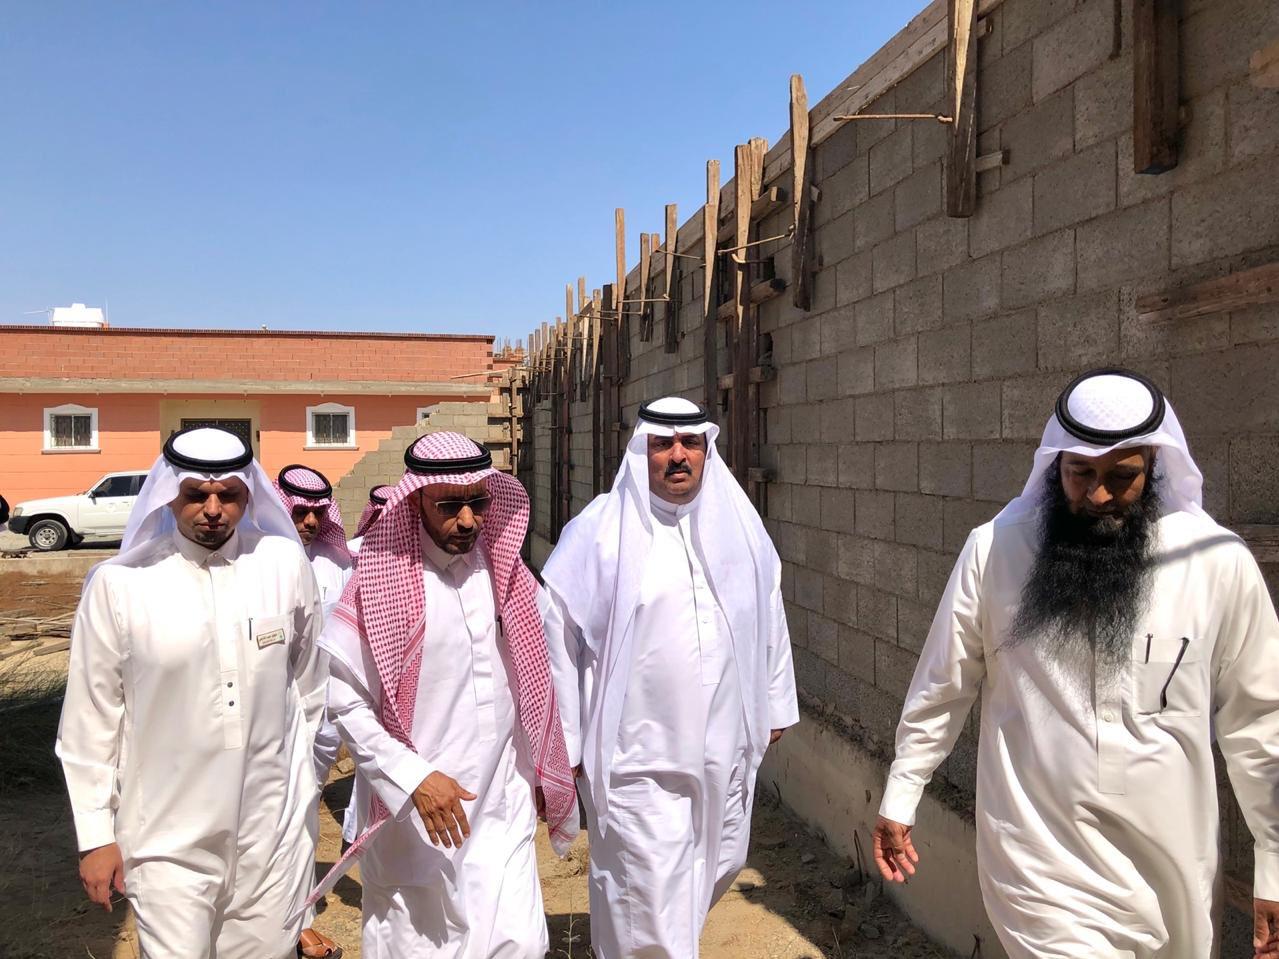 مدير تعليم جدة يتفقد مبنى مجمع ذات النطاقين التعليمي المتعثر